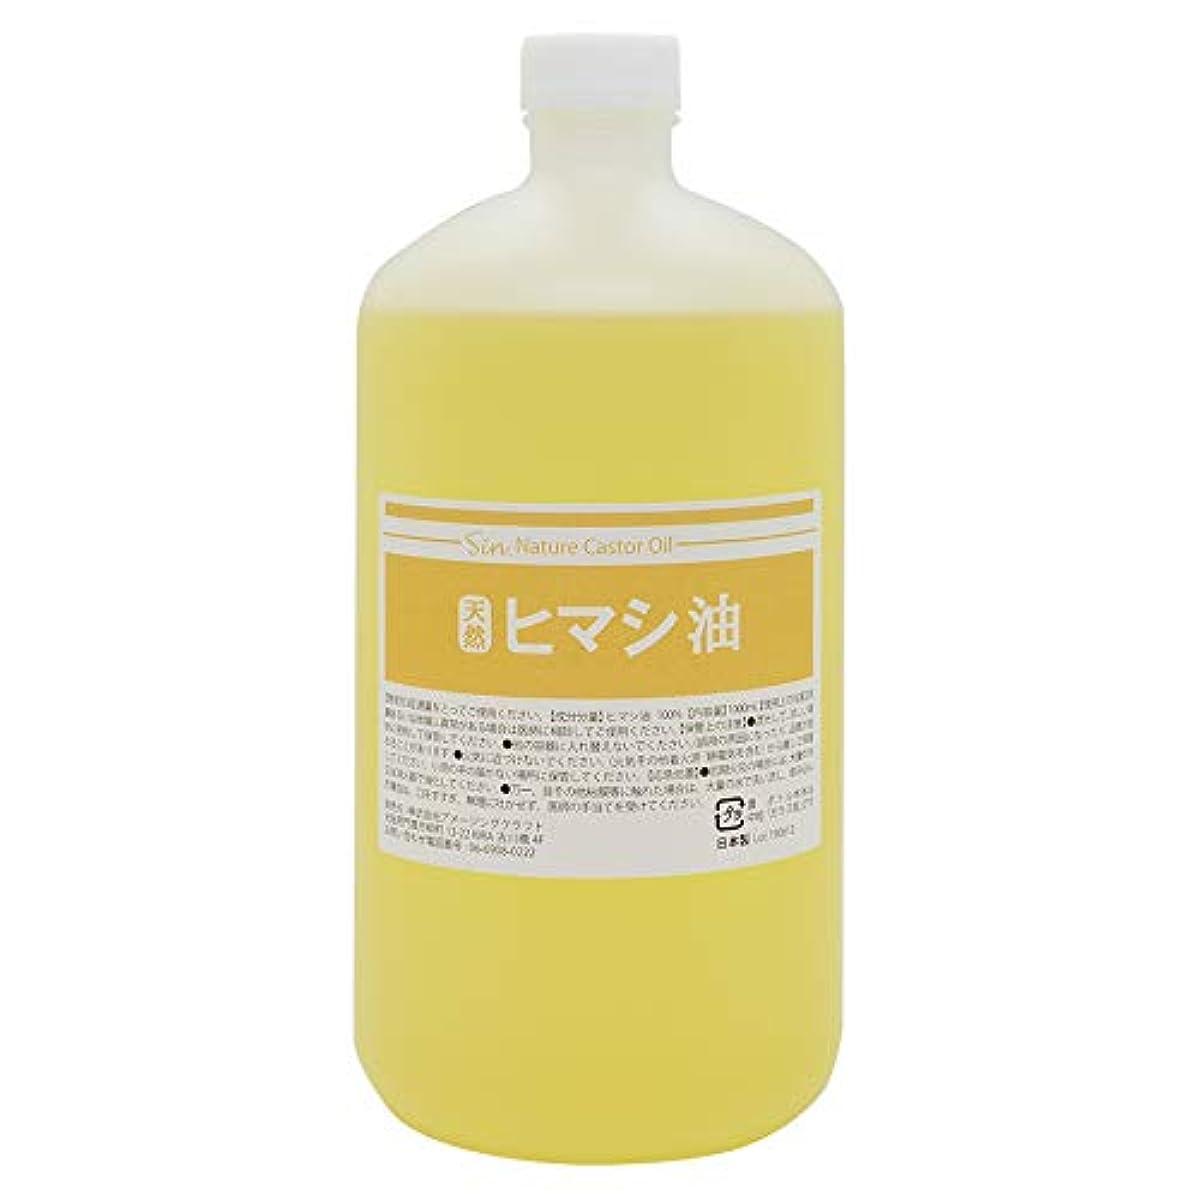 何でも猫背青天然無添加 国内精製 ひまし油 1000ml (ヒマシ油 キャスターオイル)